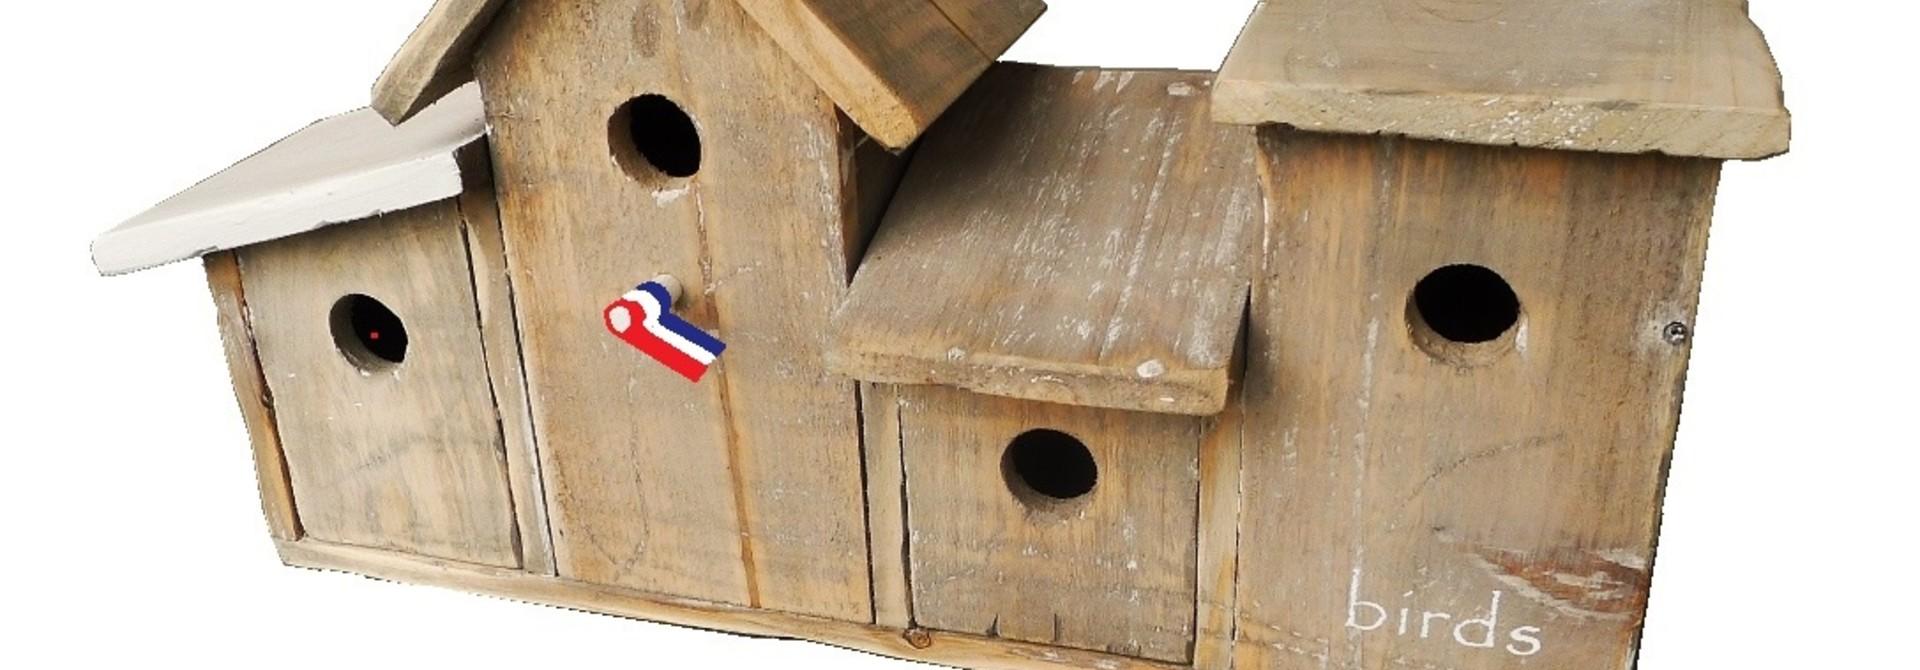 birdhouse old dutch bird village 53